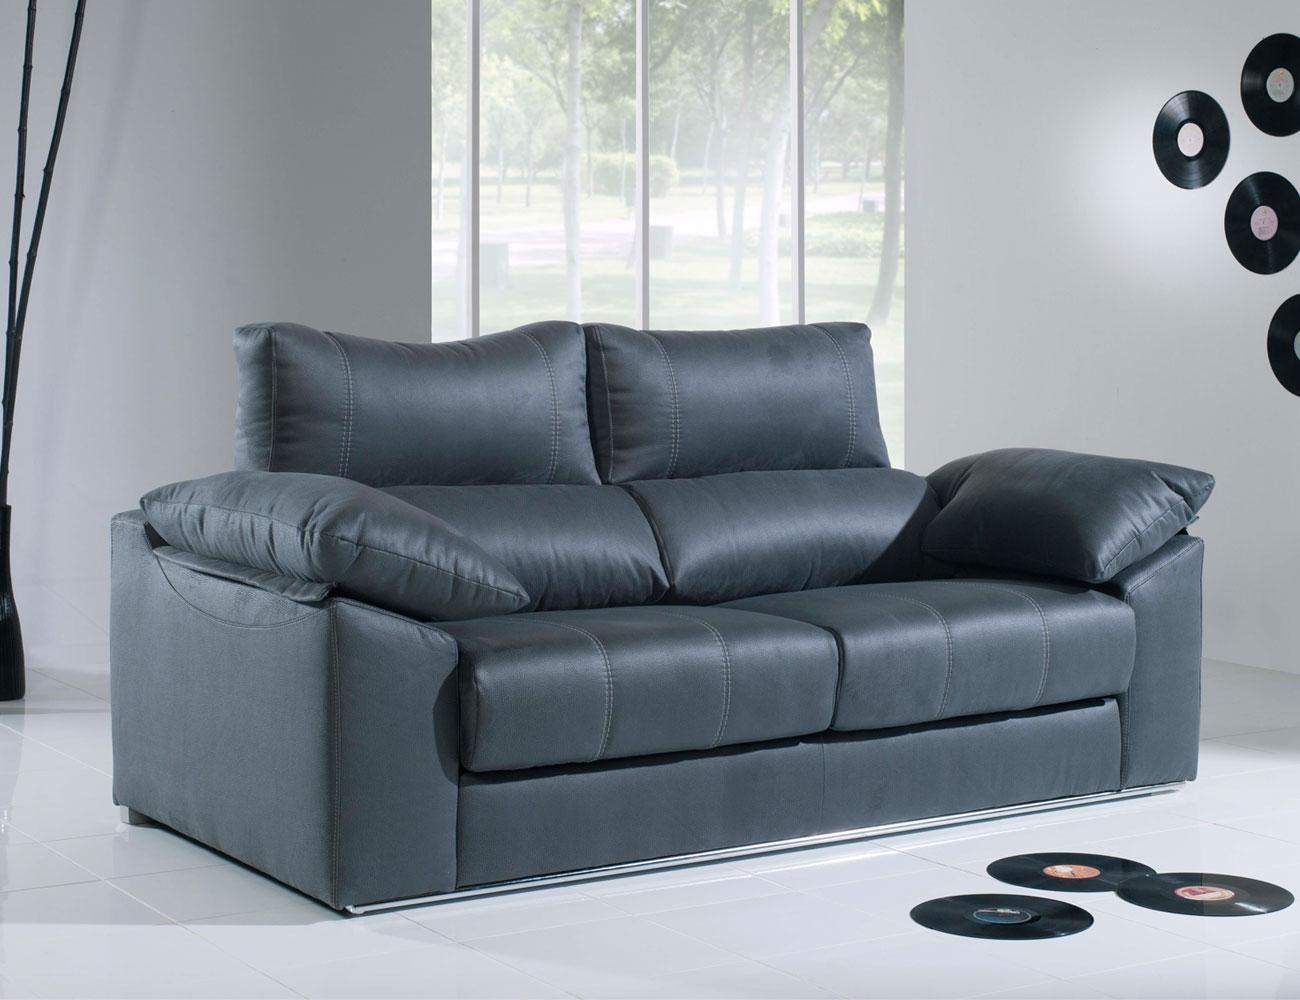 Sofa 3 plazas moderno con barra12